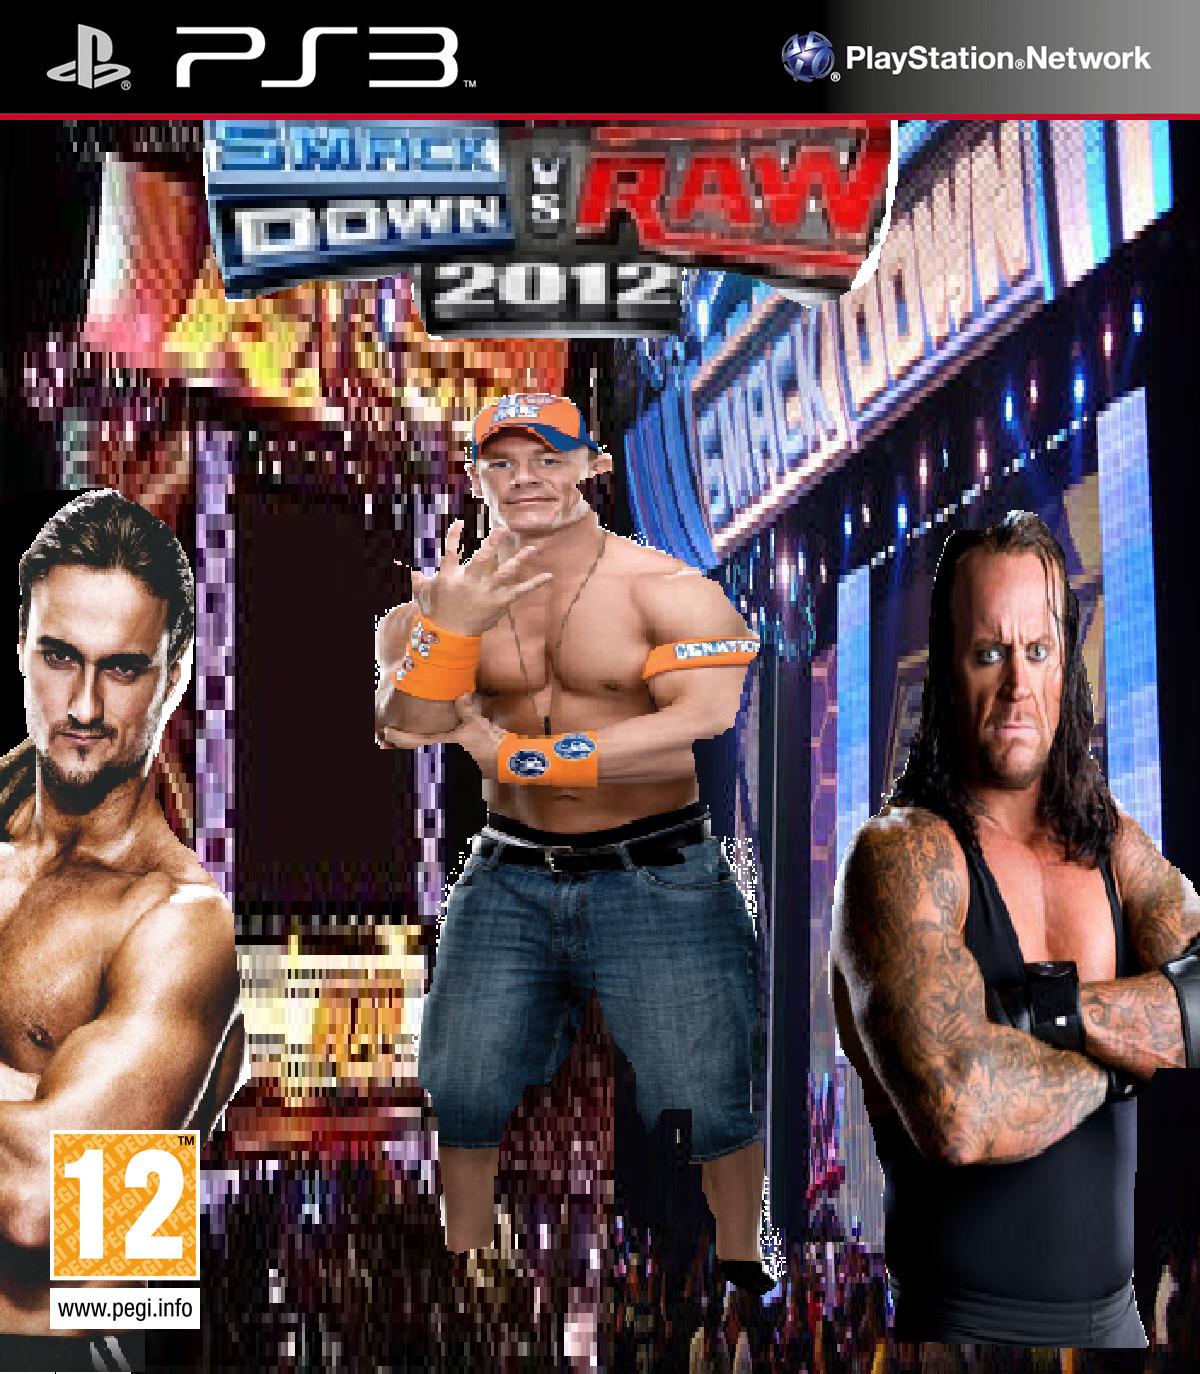 smackdown vs raw | smackdown vs raw wallpapers | smackdown vs raw ...